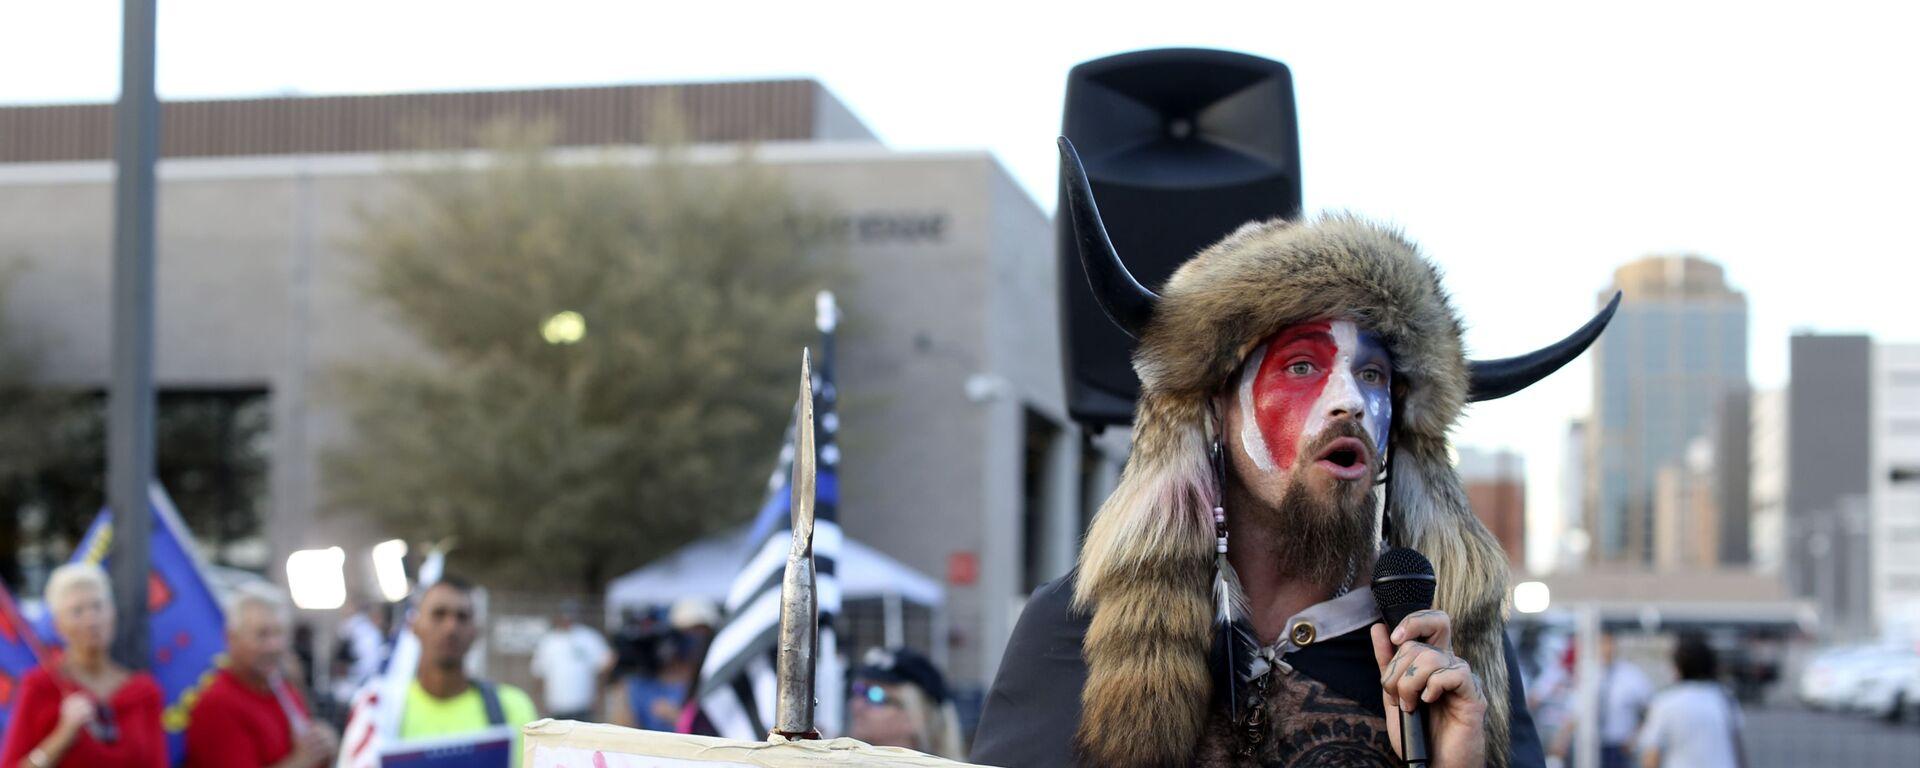 Jake Angeli, conocido como Yellowstone Wolf, en una protesta de Estados Unidos - Sputnik Mundo, 1920, 07.01.2021